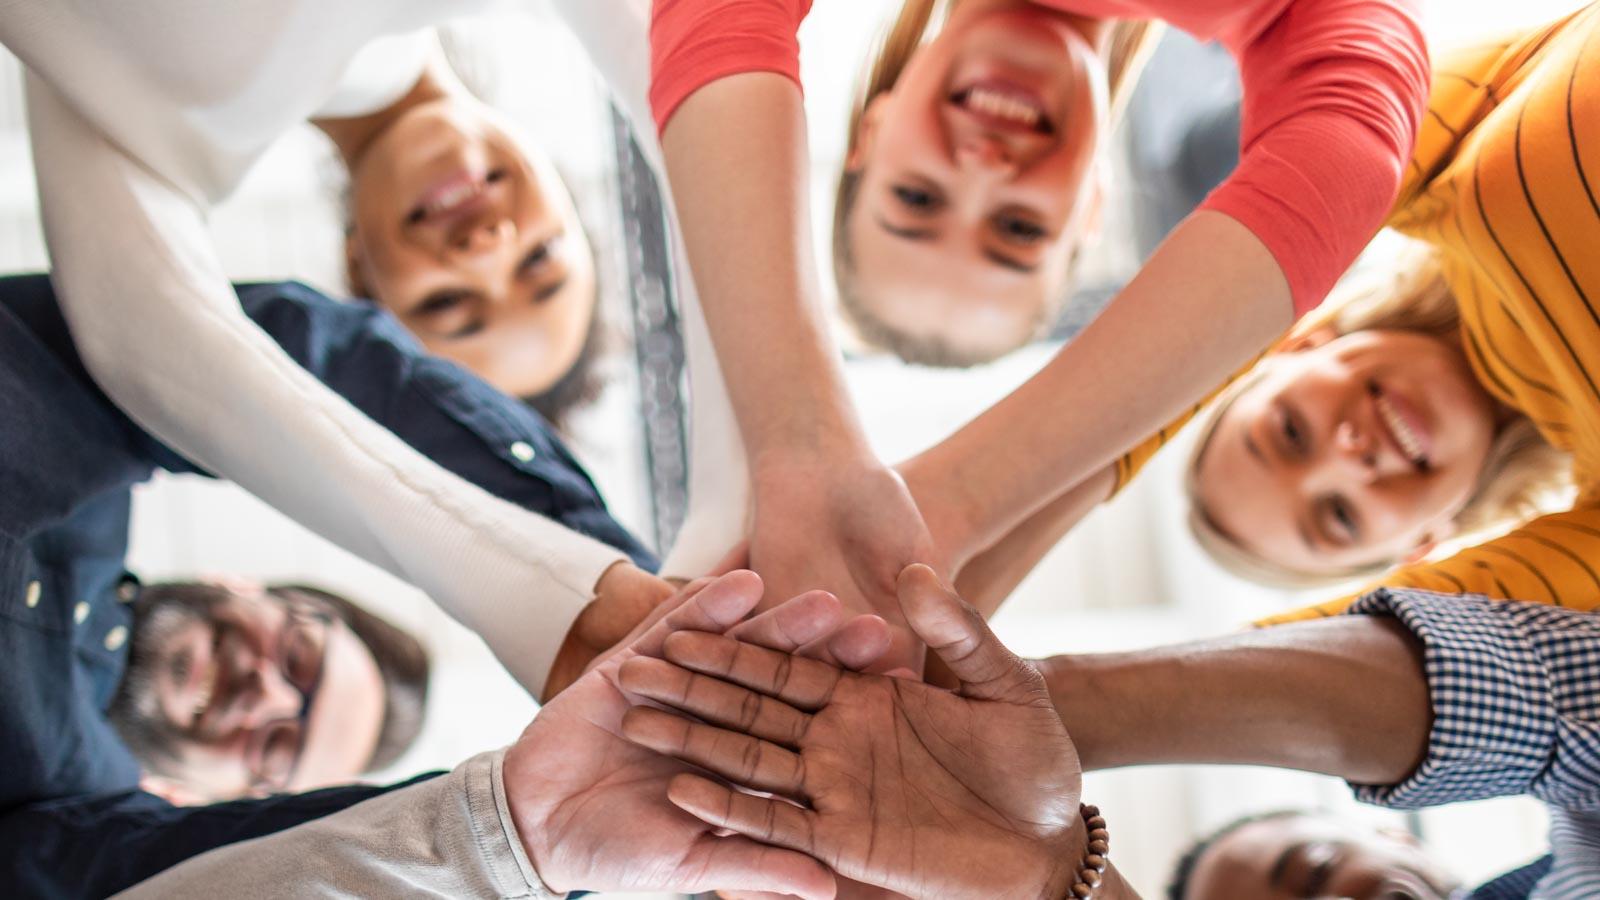 Kreis von Personen, die die Hände übereinander halten, von unten aufgenommen